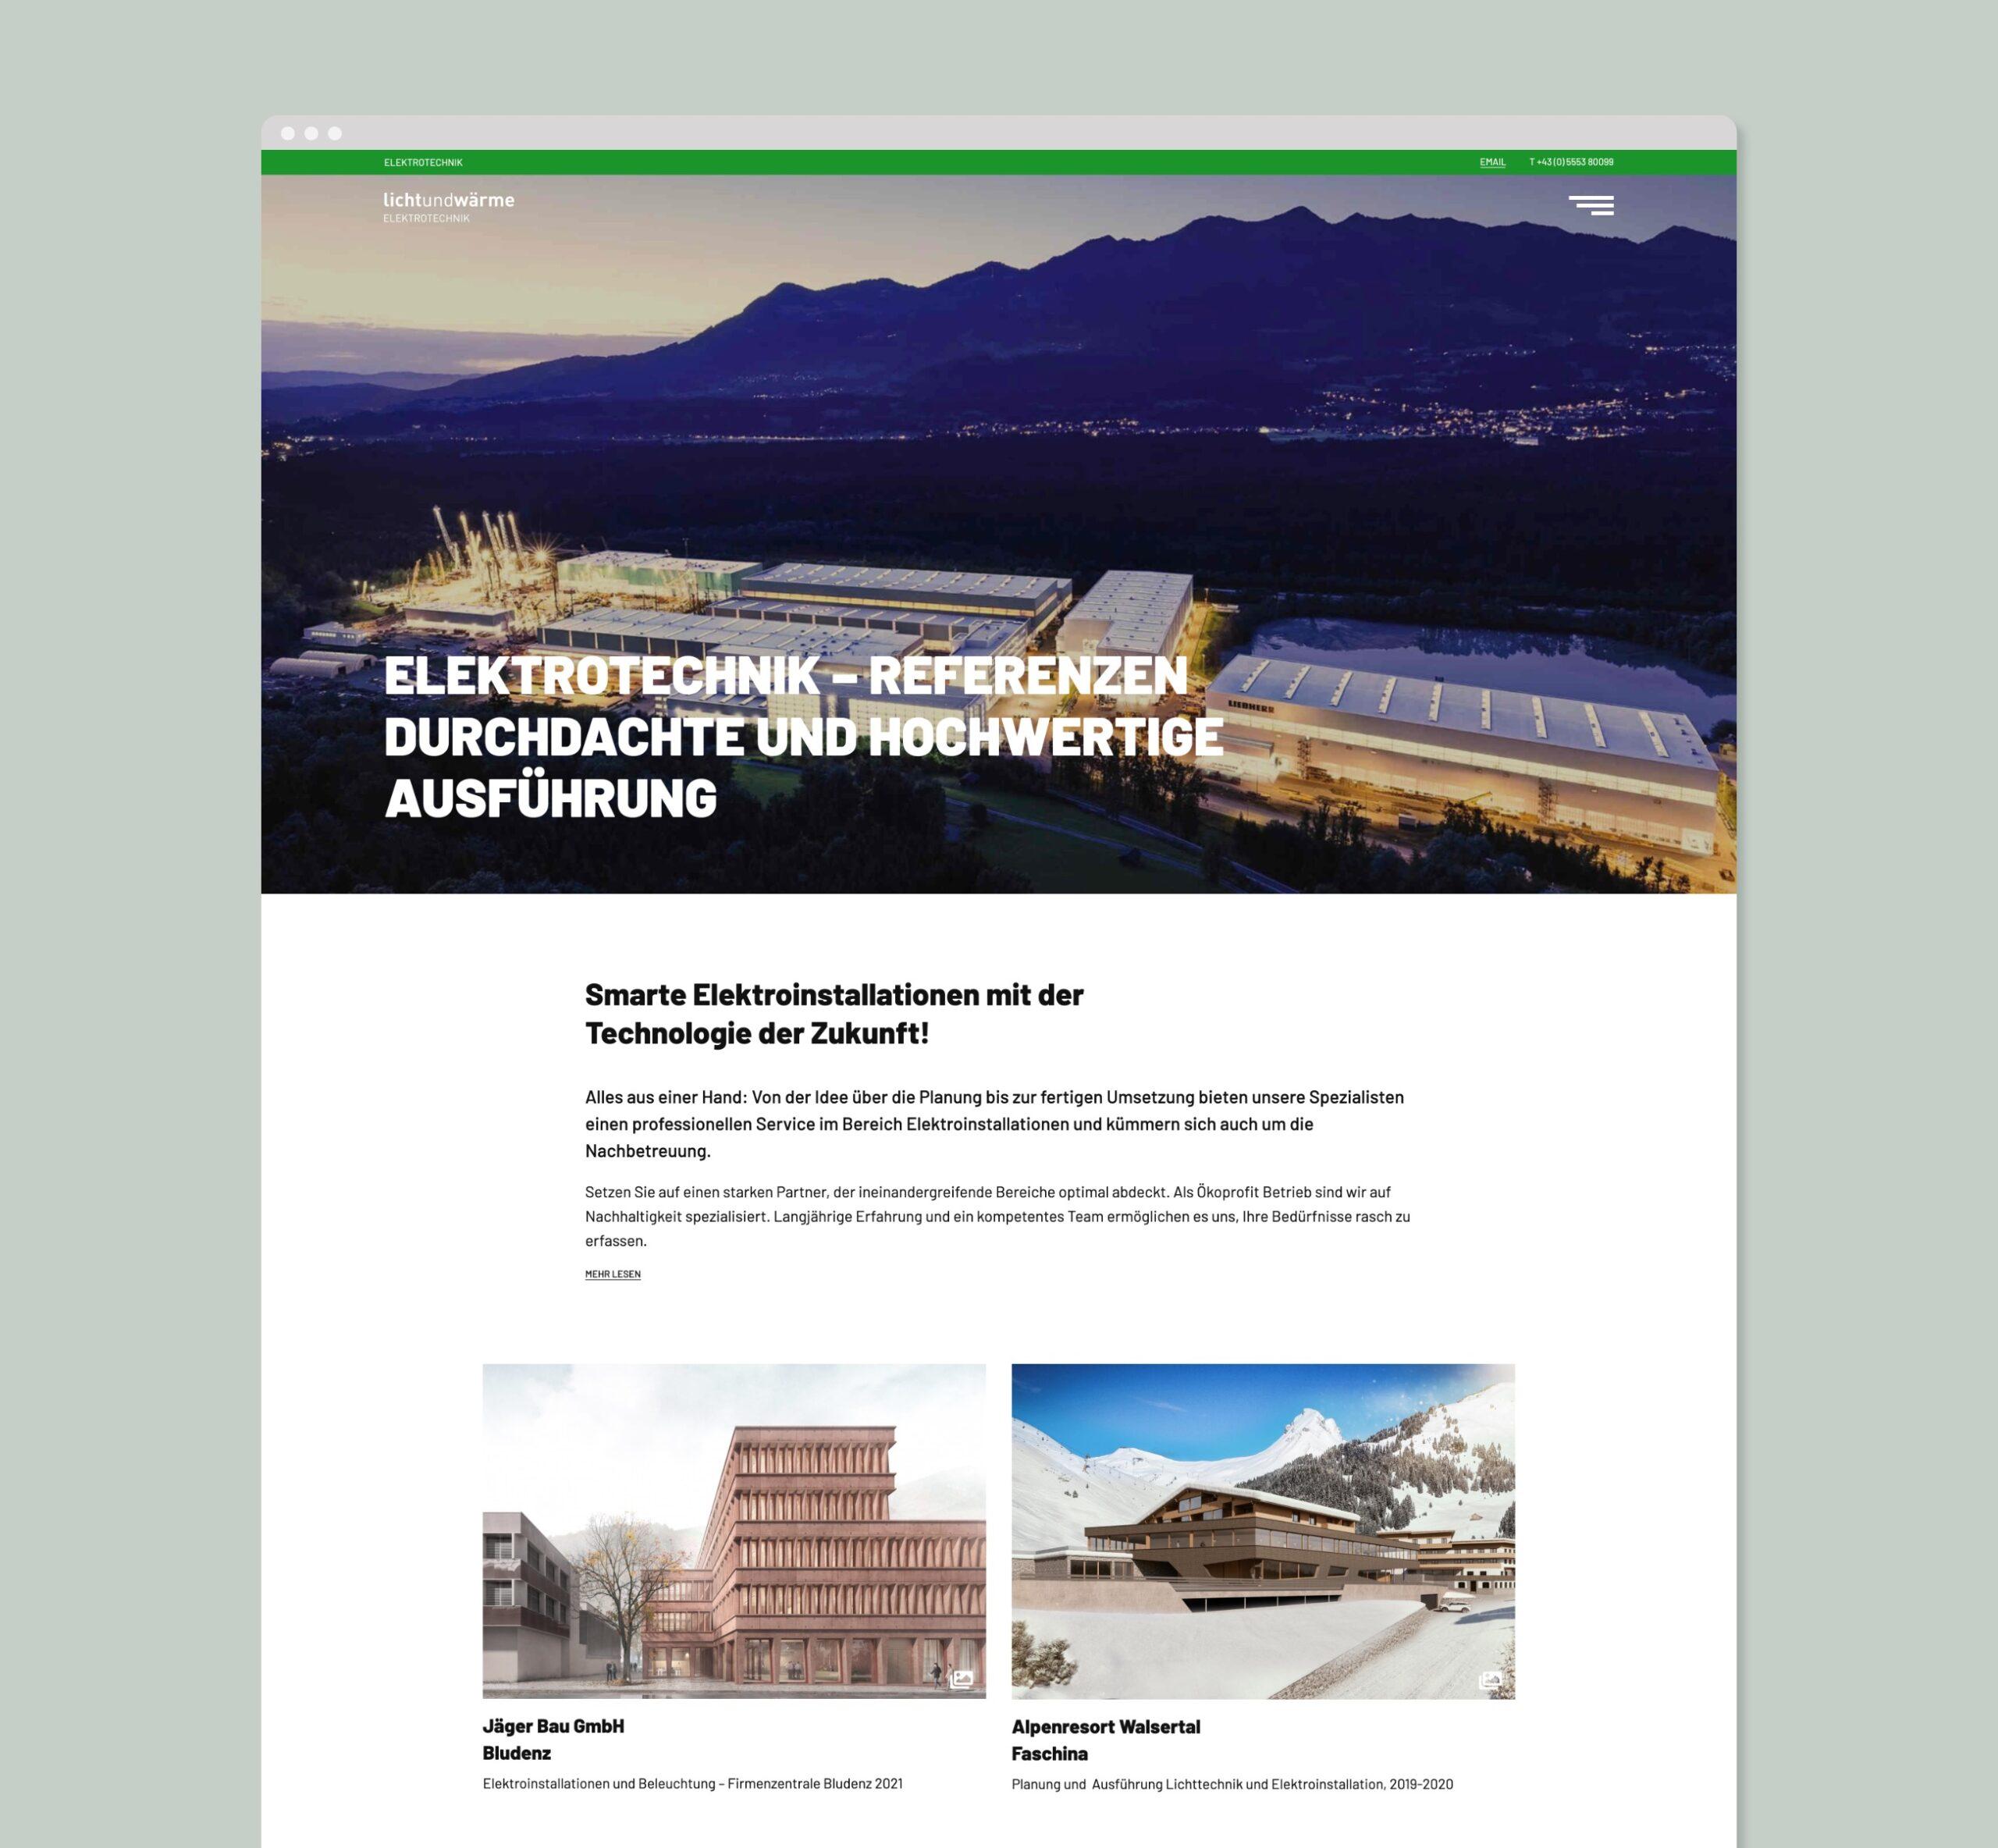 LichtundWärme Webseite Elektroinstallationen